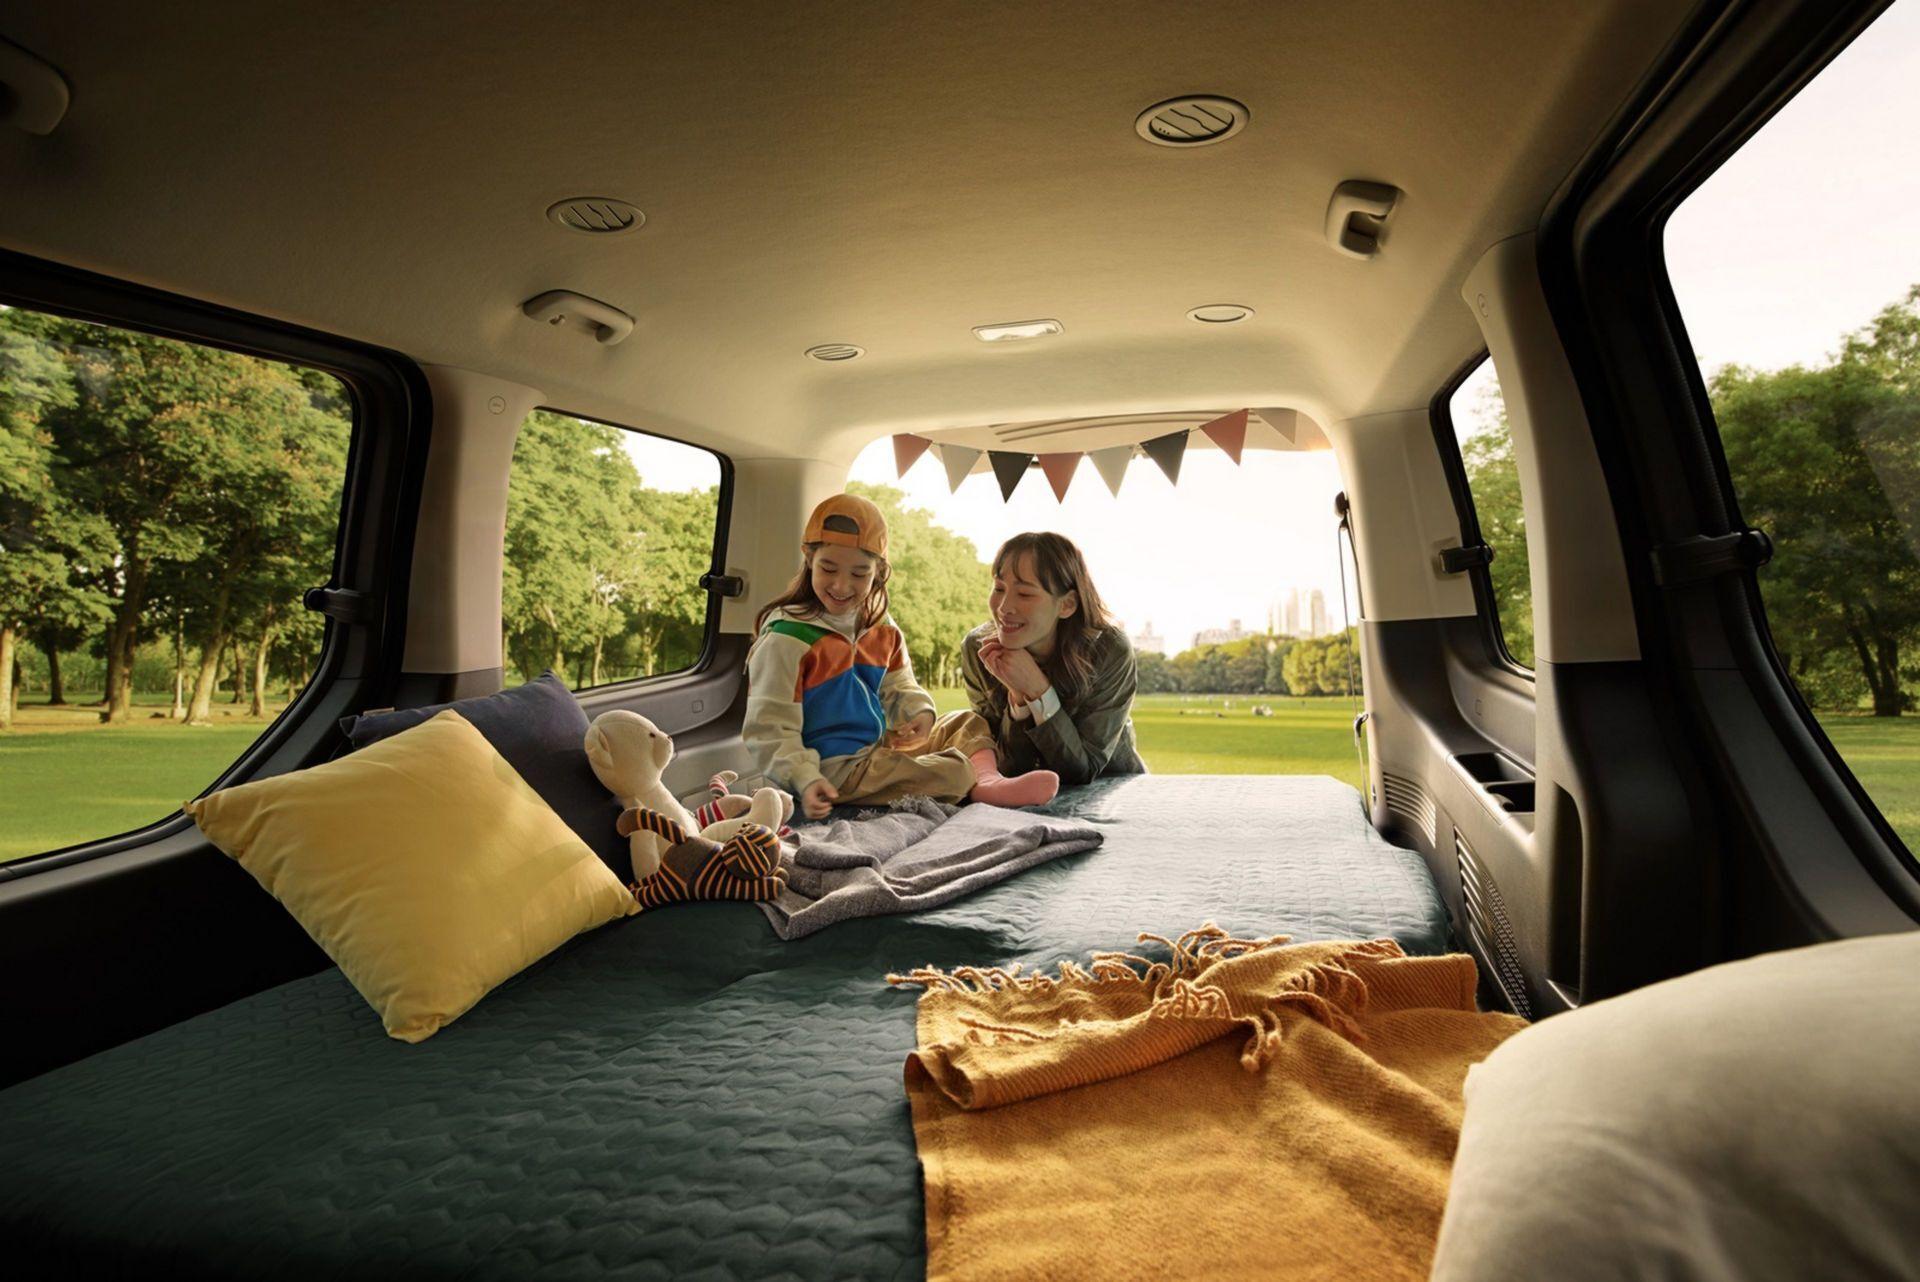 На пикнике в салоне минивена можно организовать спальные места